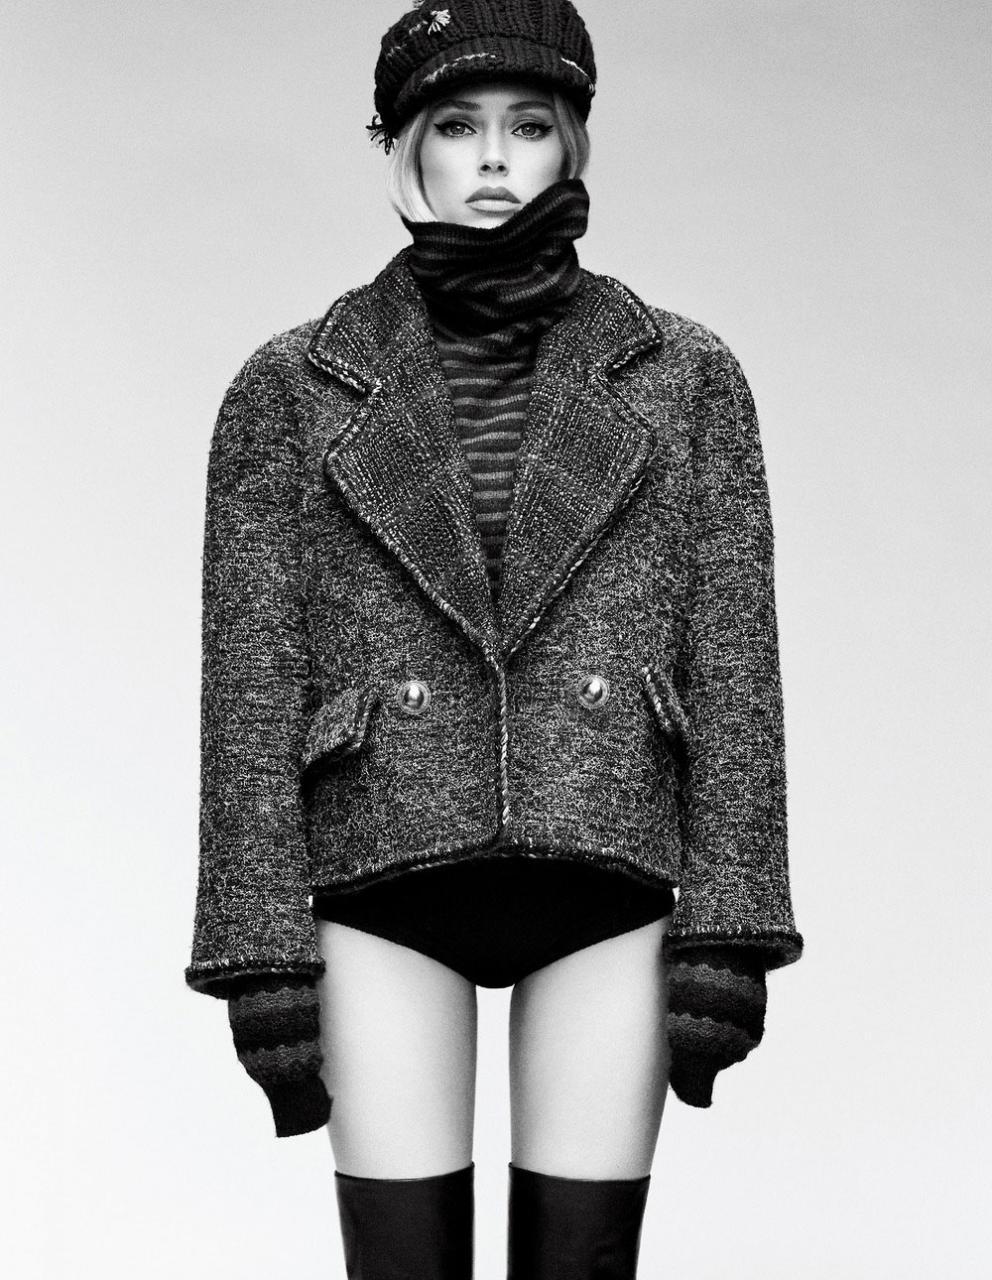 时尚摄影师组合Luigi & Iango的Vogue杂志作品 审美灵感 第10张